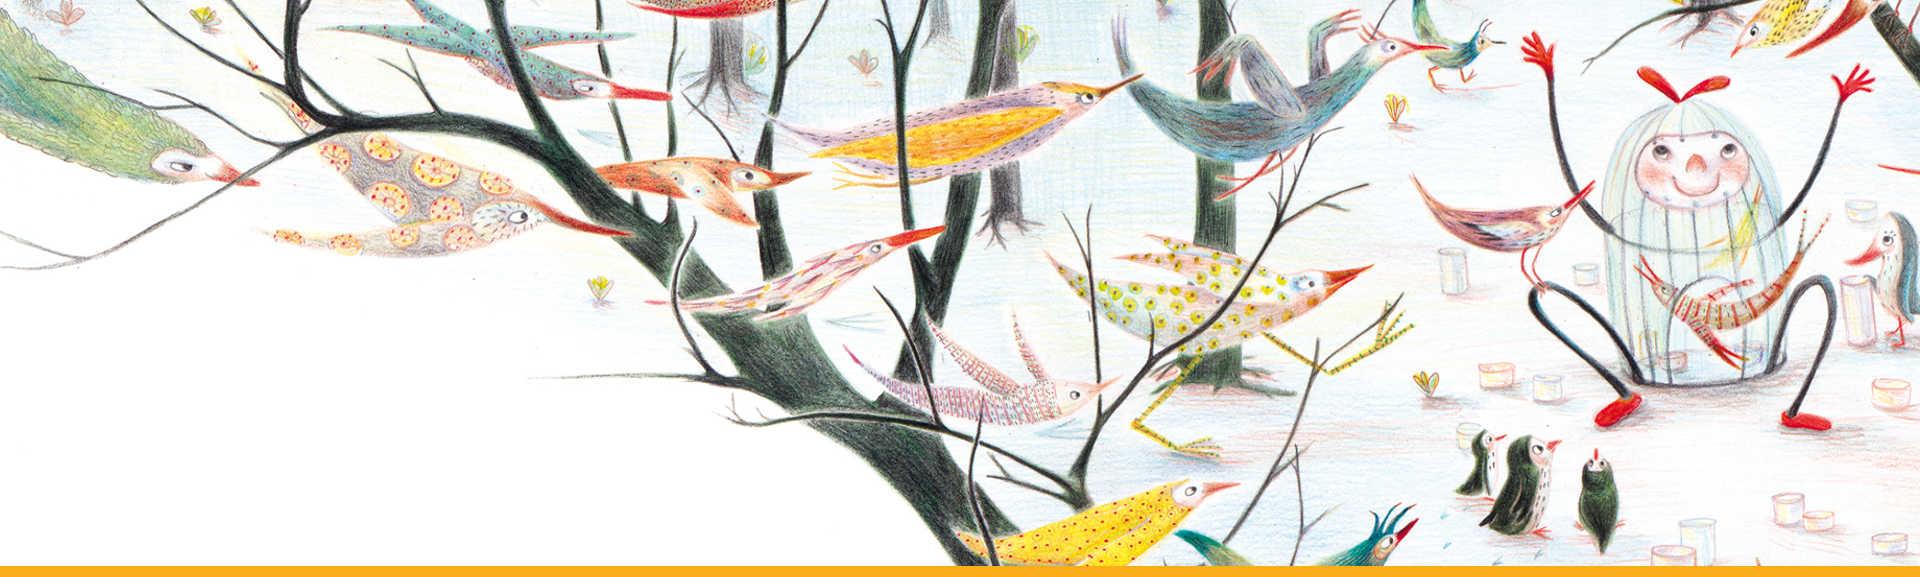 ilustracion de una jaula rodeada de pajaros en el bosque - erase una vez una jaula - Leetra. Dibujo de Eva Sánchez Gómez.